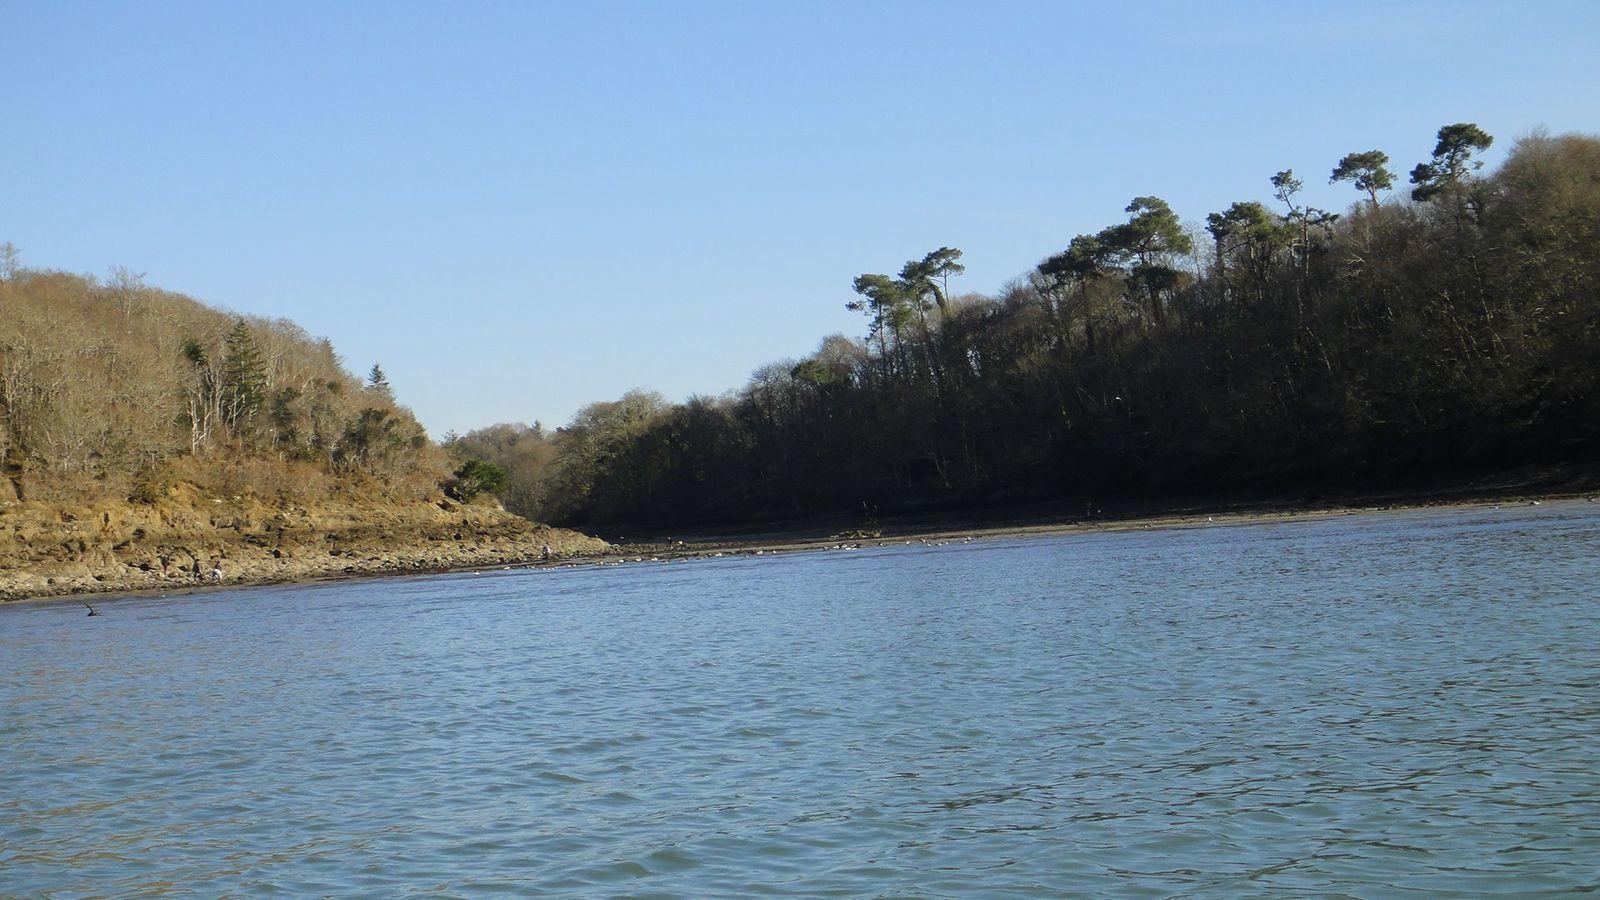 Baie de Concarneau : à la découverte des anses et moulin à marée